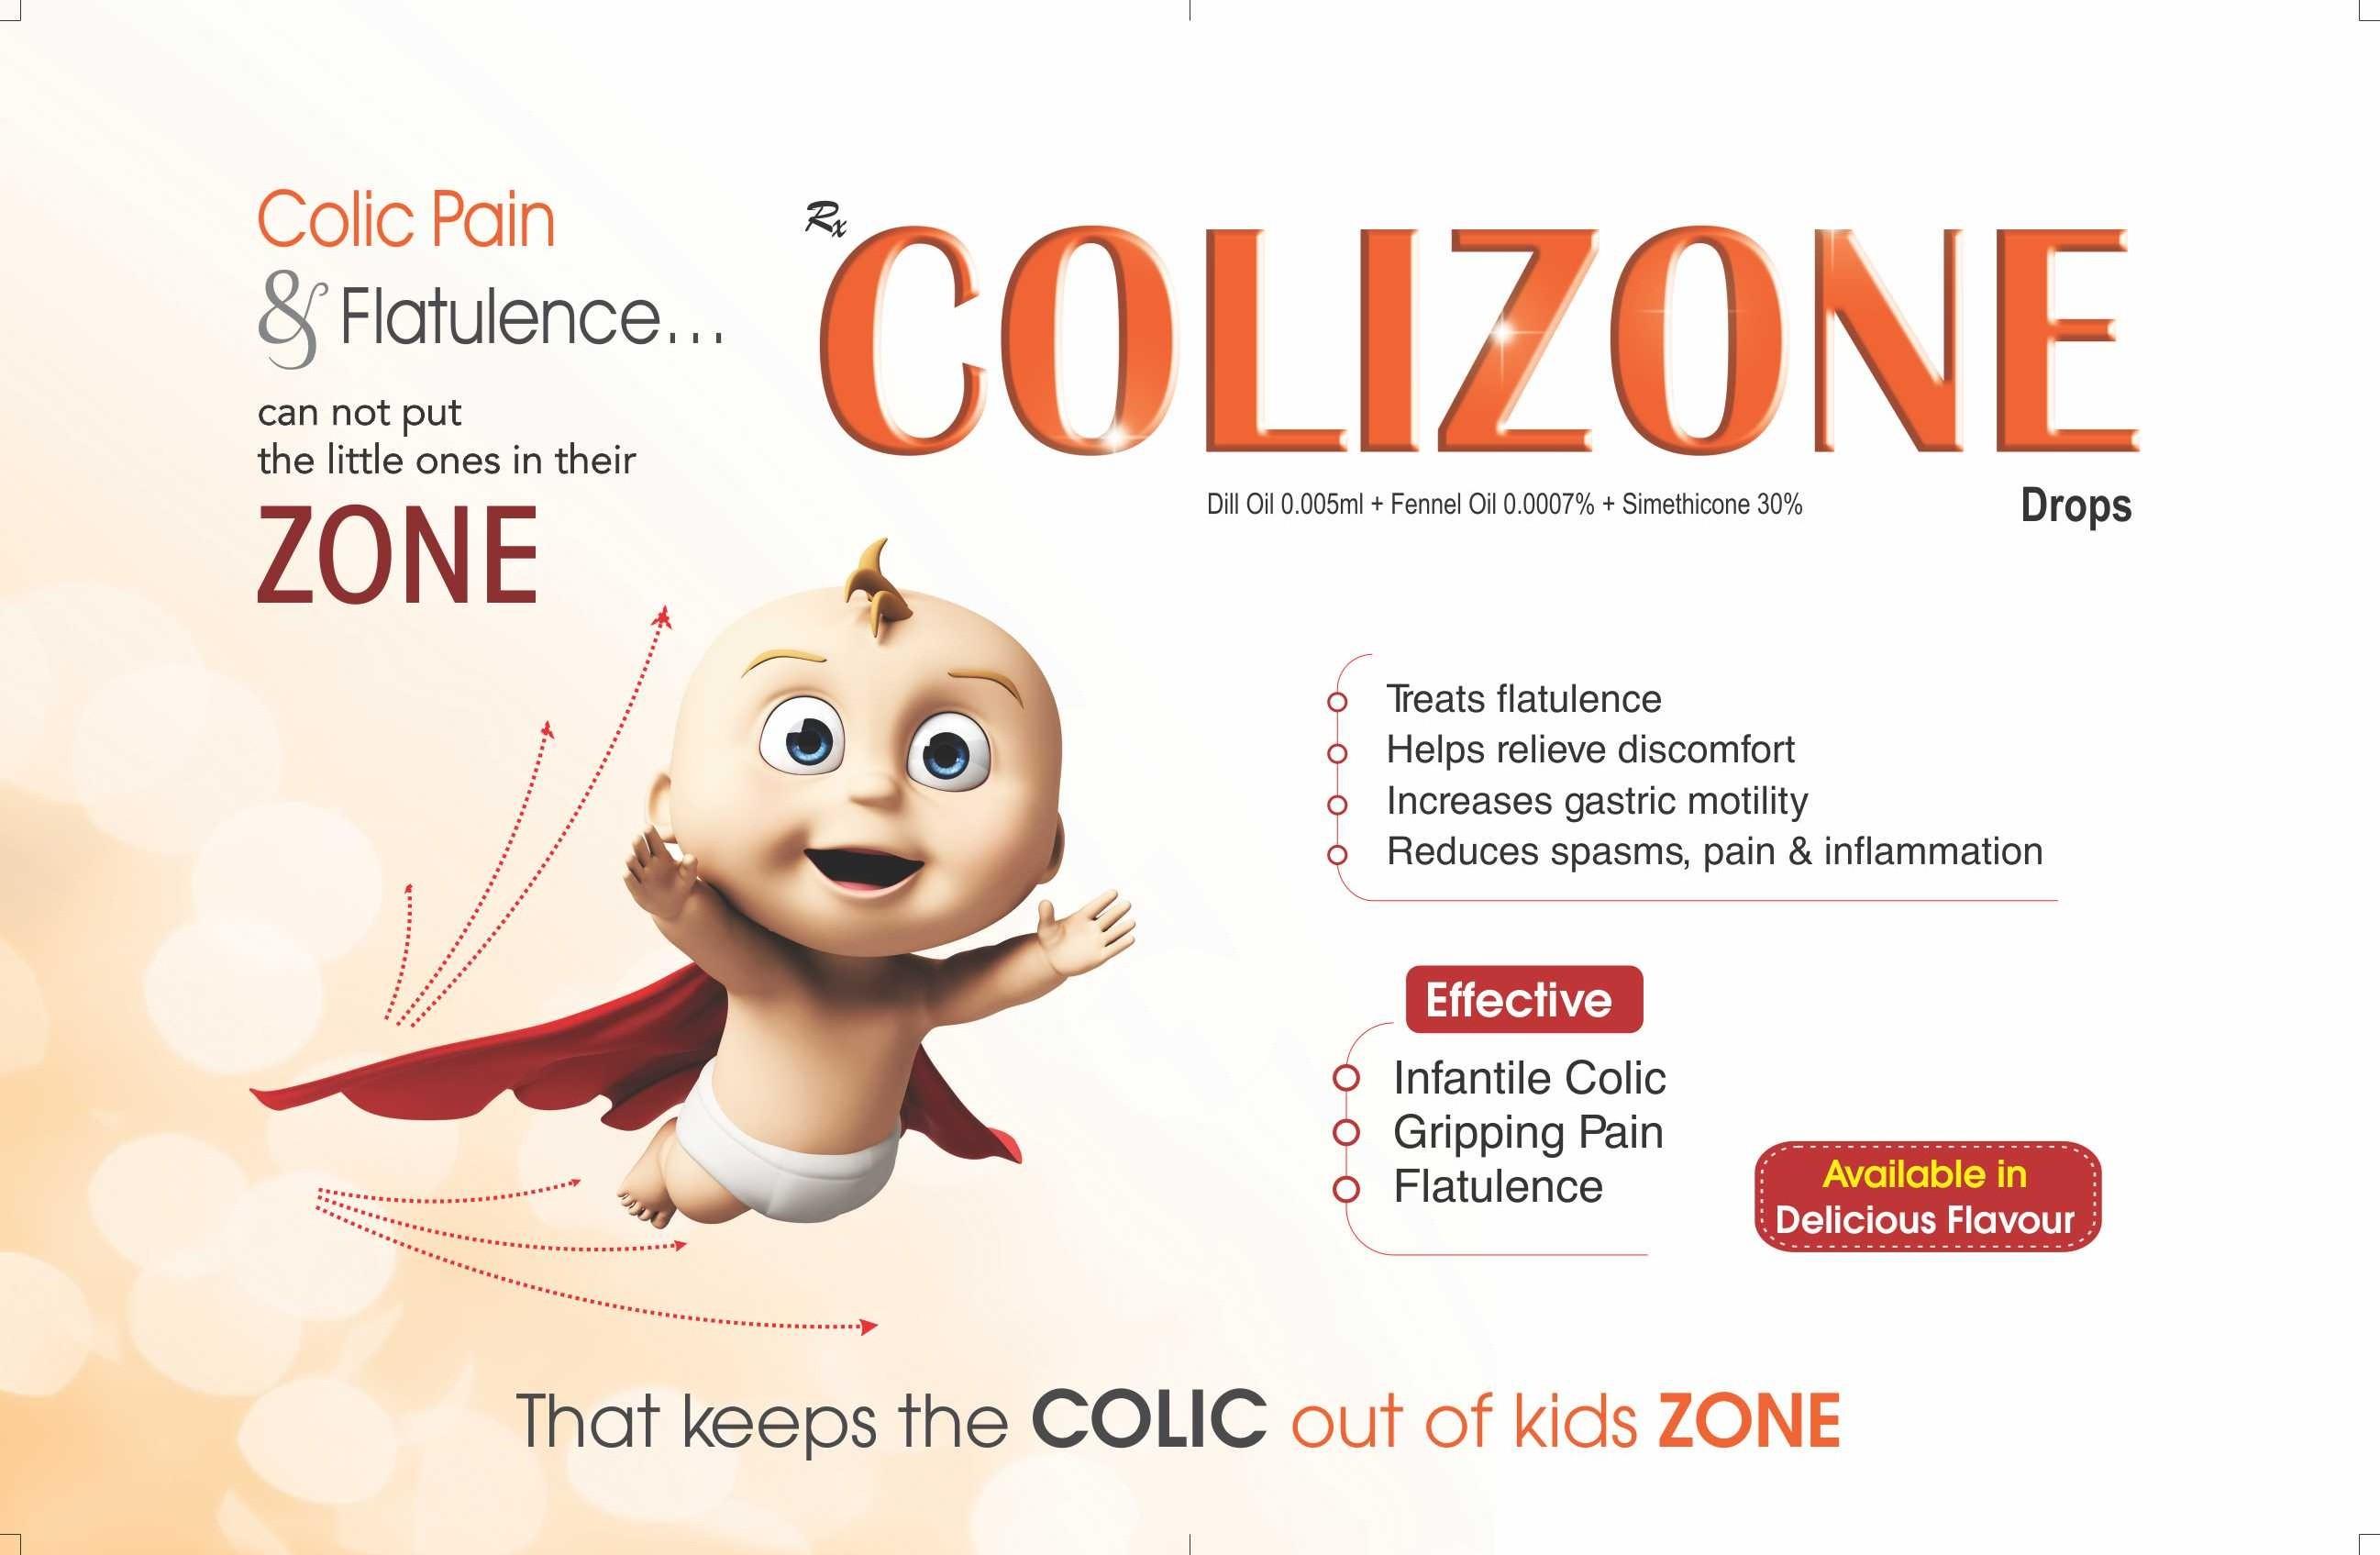 Colizone